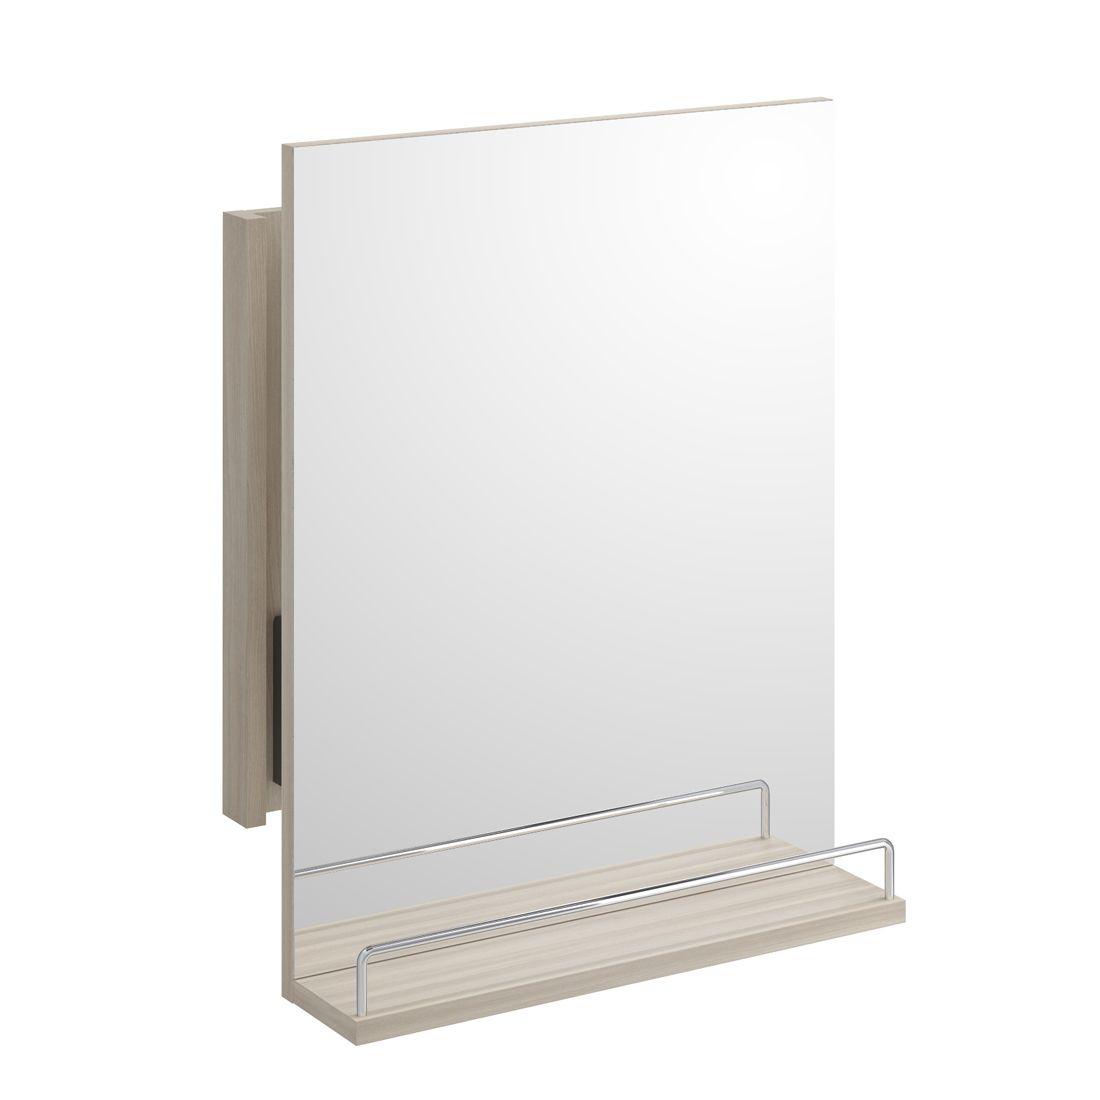 Salon-spiegel-designs cersanit smart  herausziehende spiegel mit ablage  esche hell